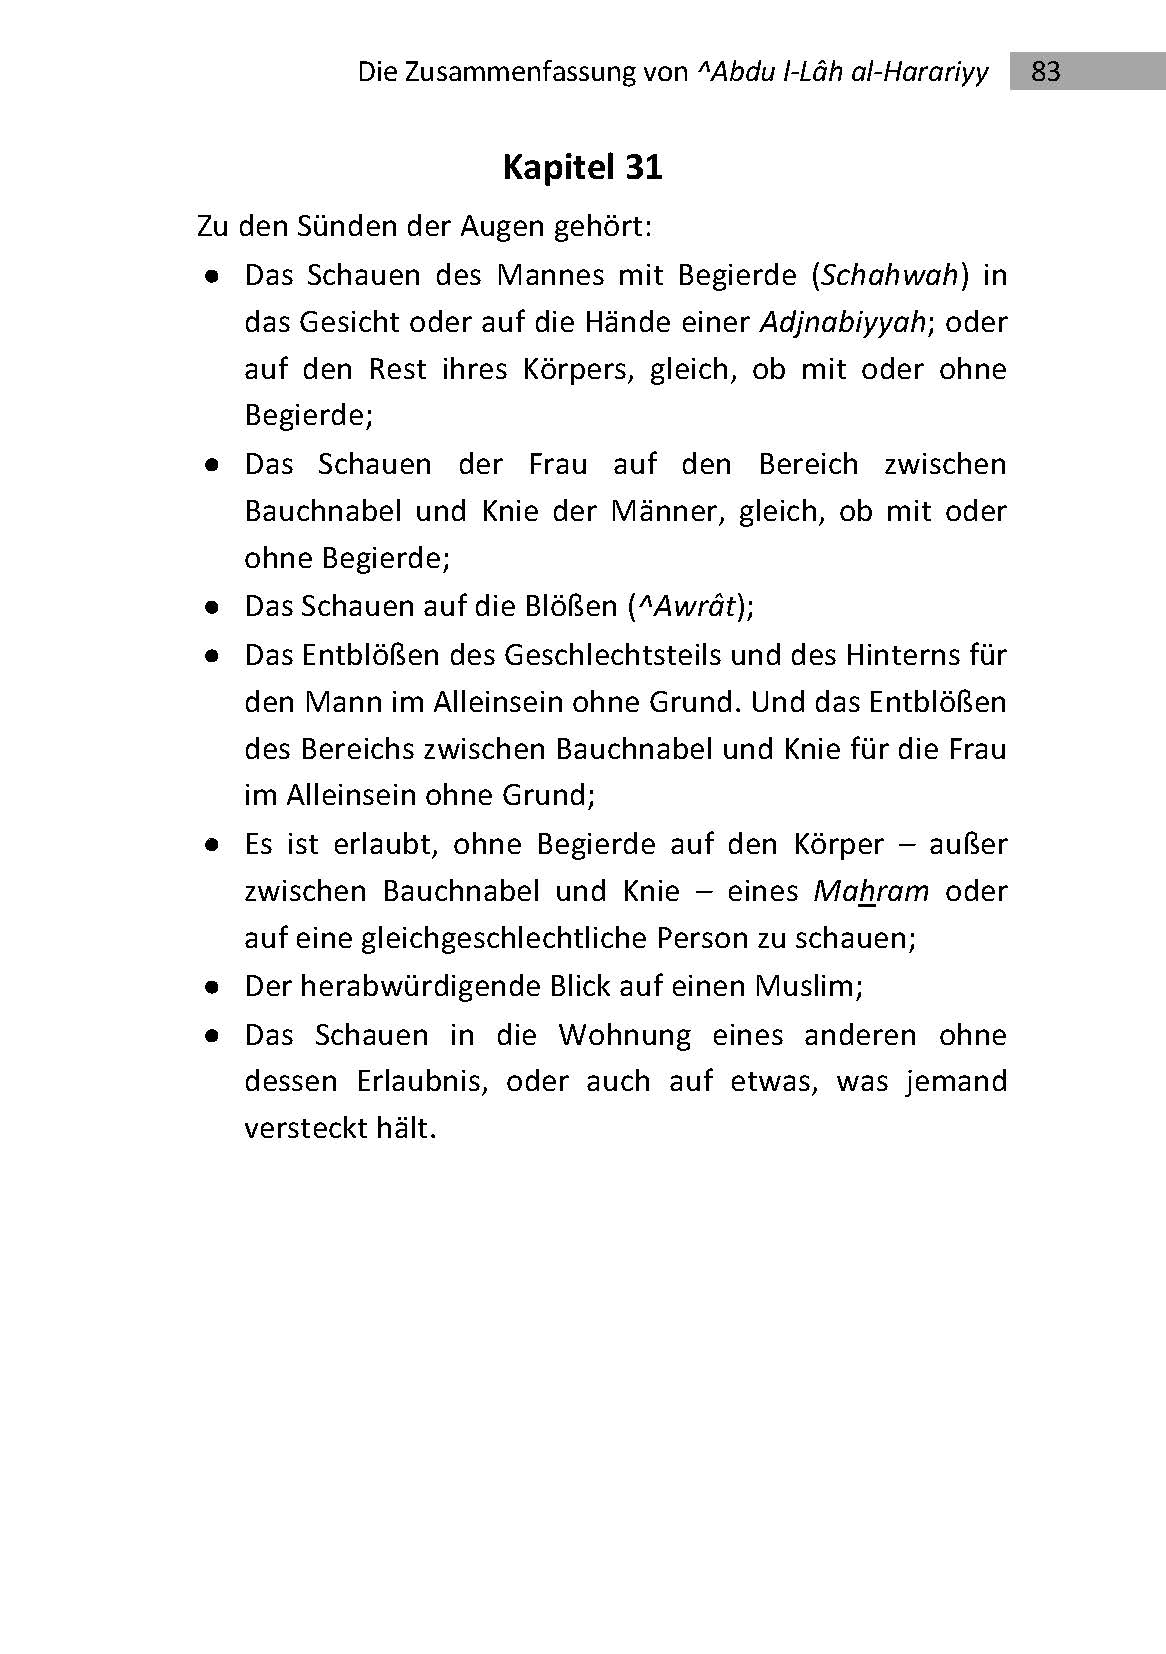 Die Zusammenfassung - 3. Auflage 2014_Seite_83